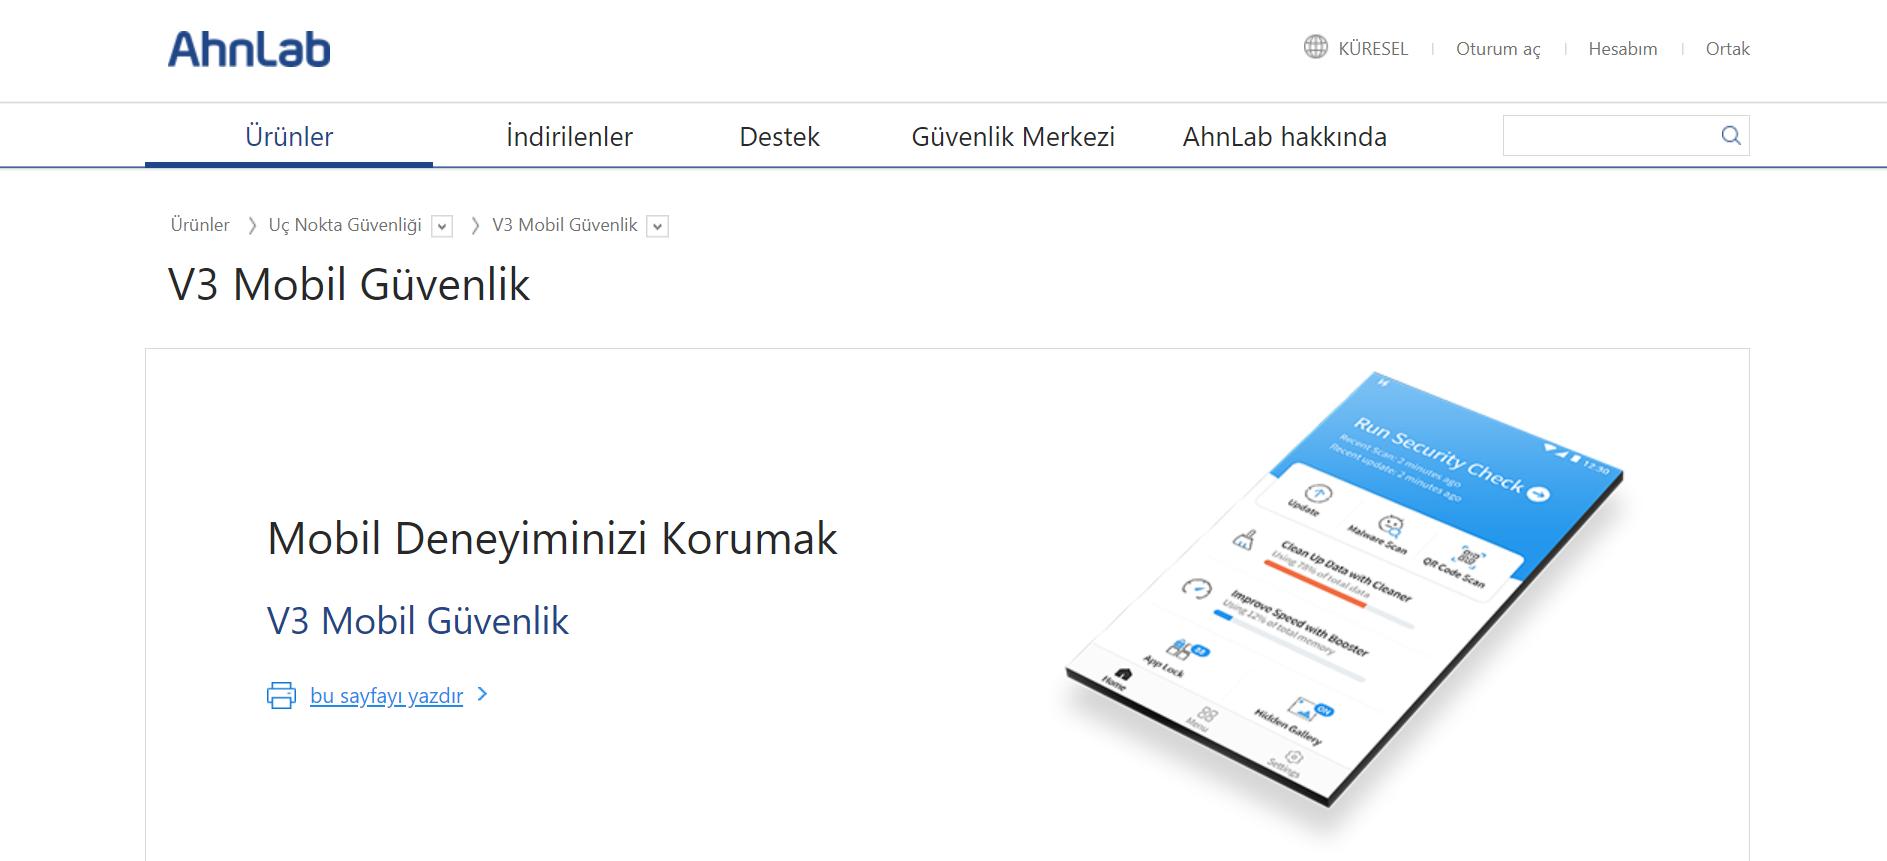 AhnLab web sayfası